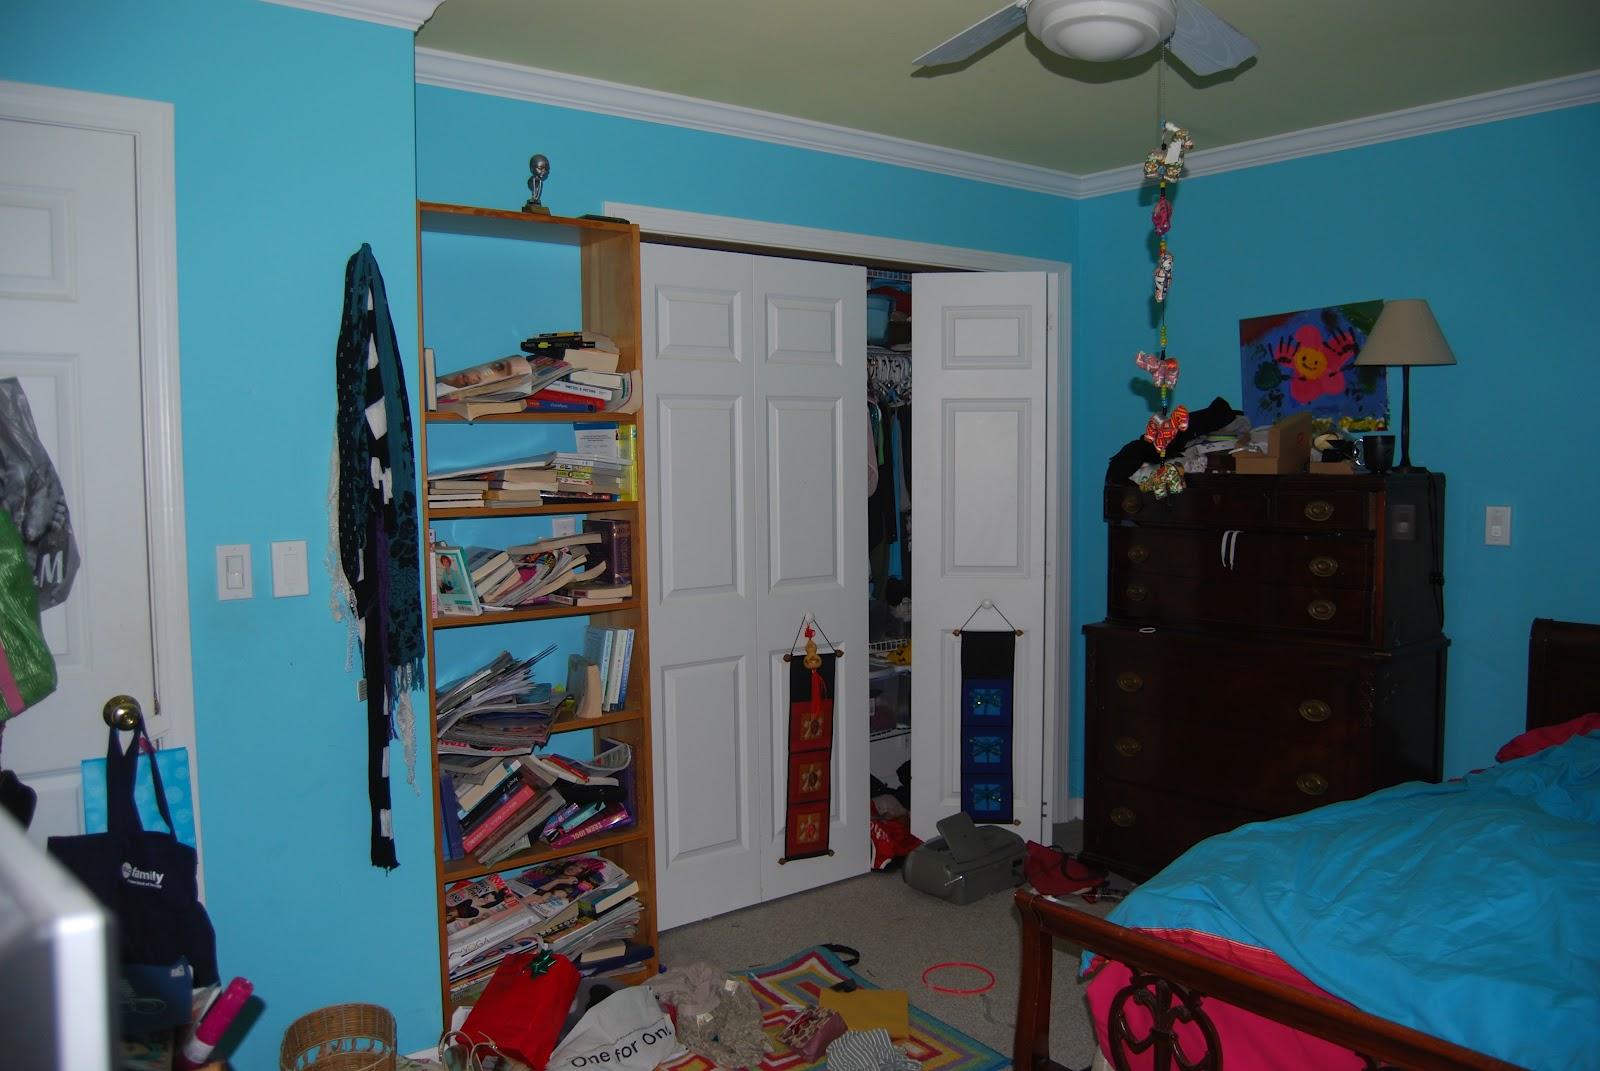 Sassy Vintage Finds A Messy Teenage Bedroom Transformed